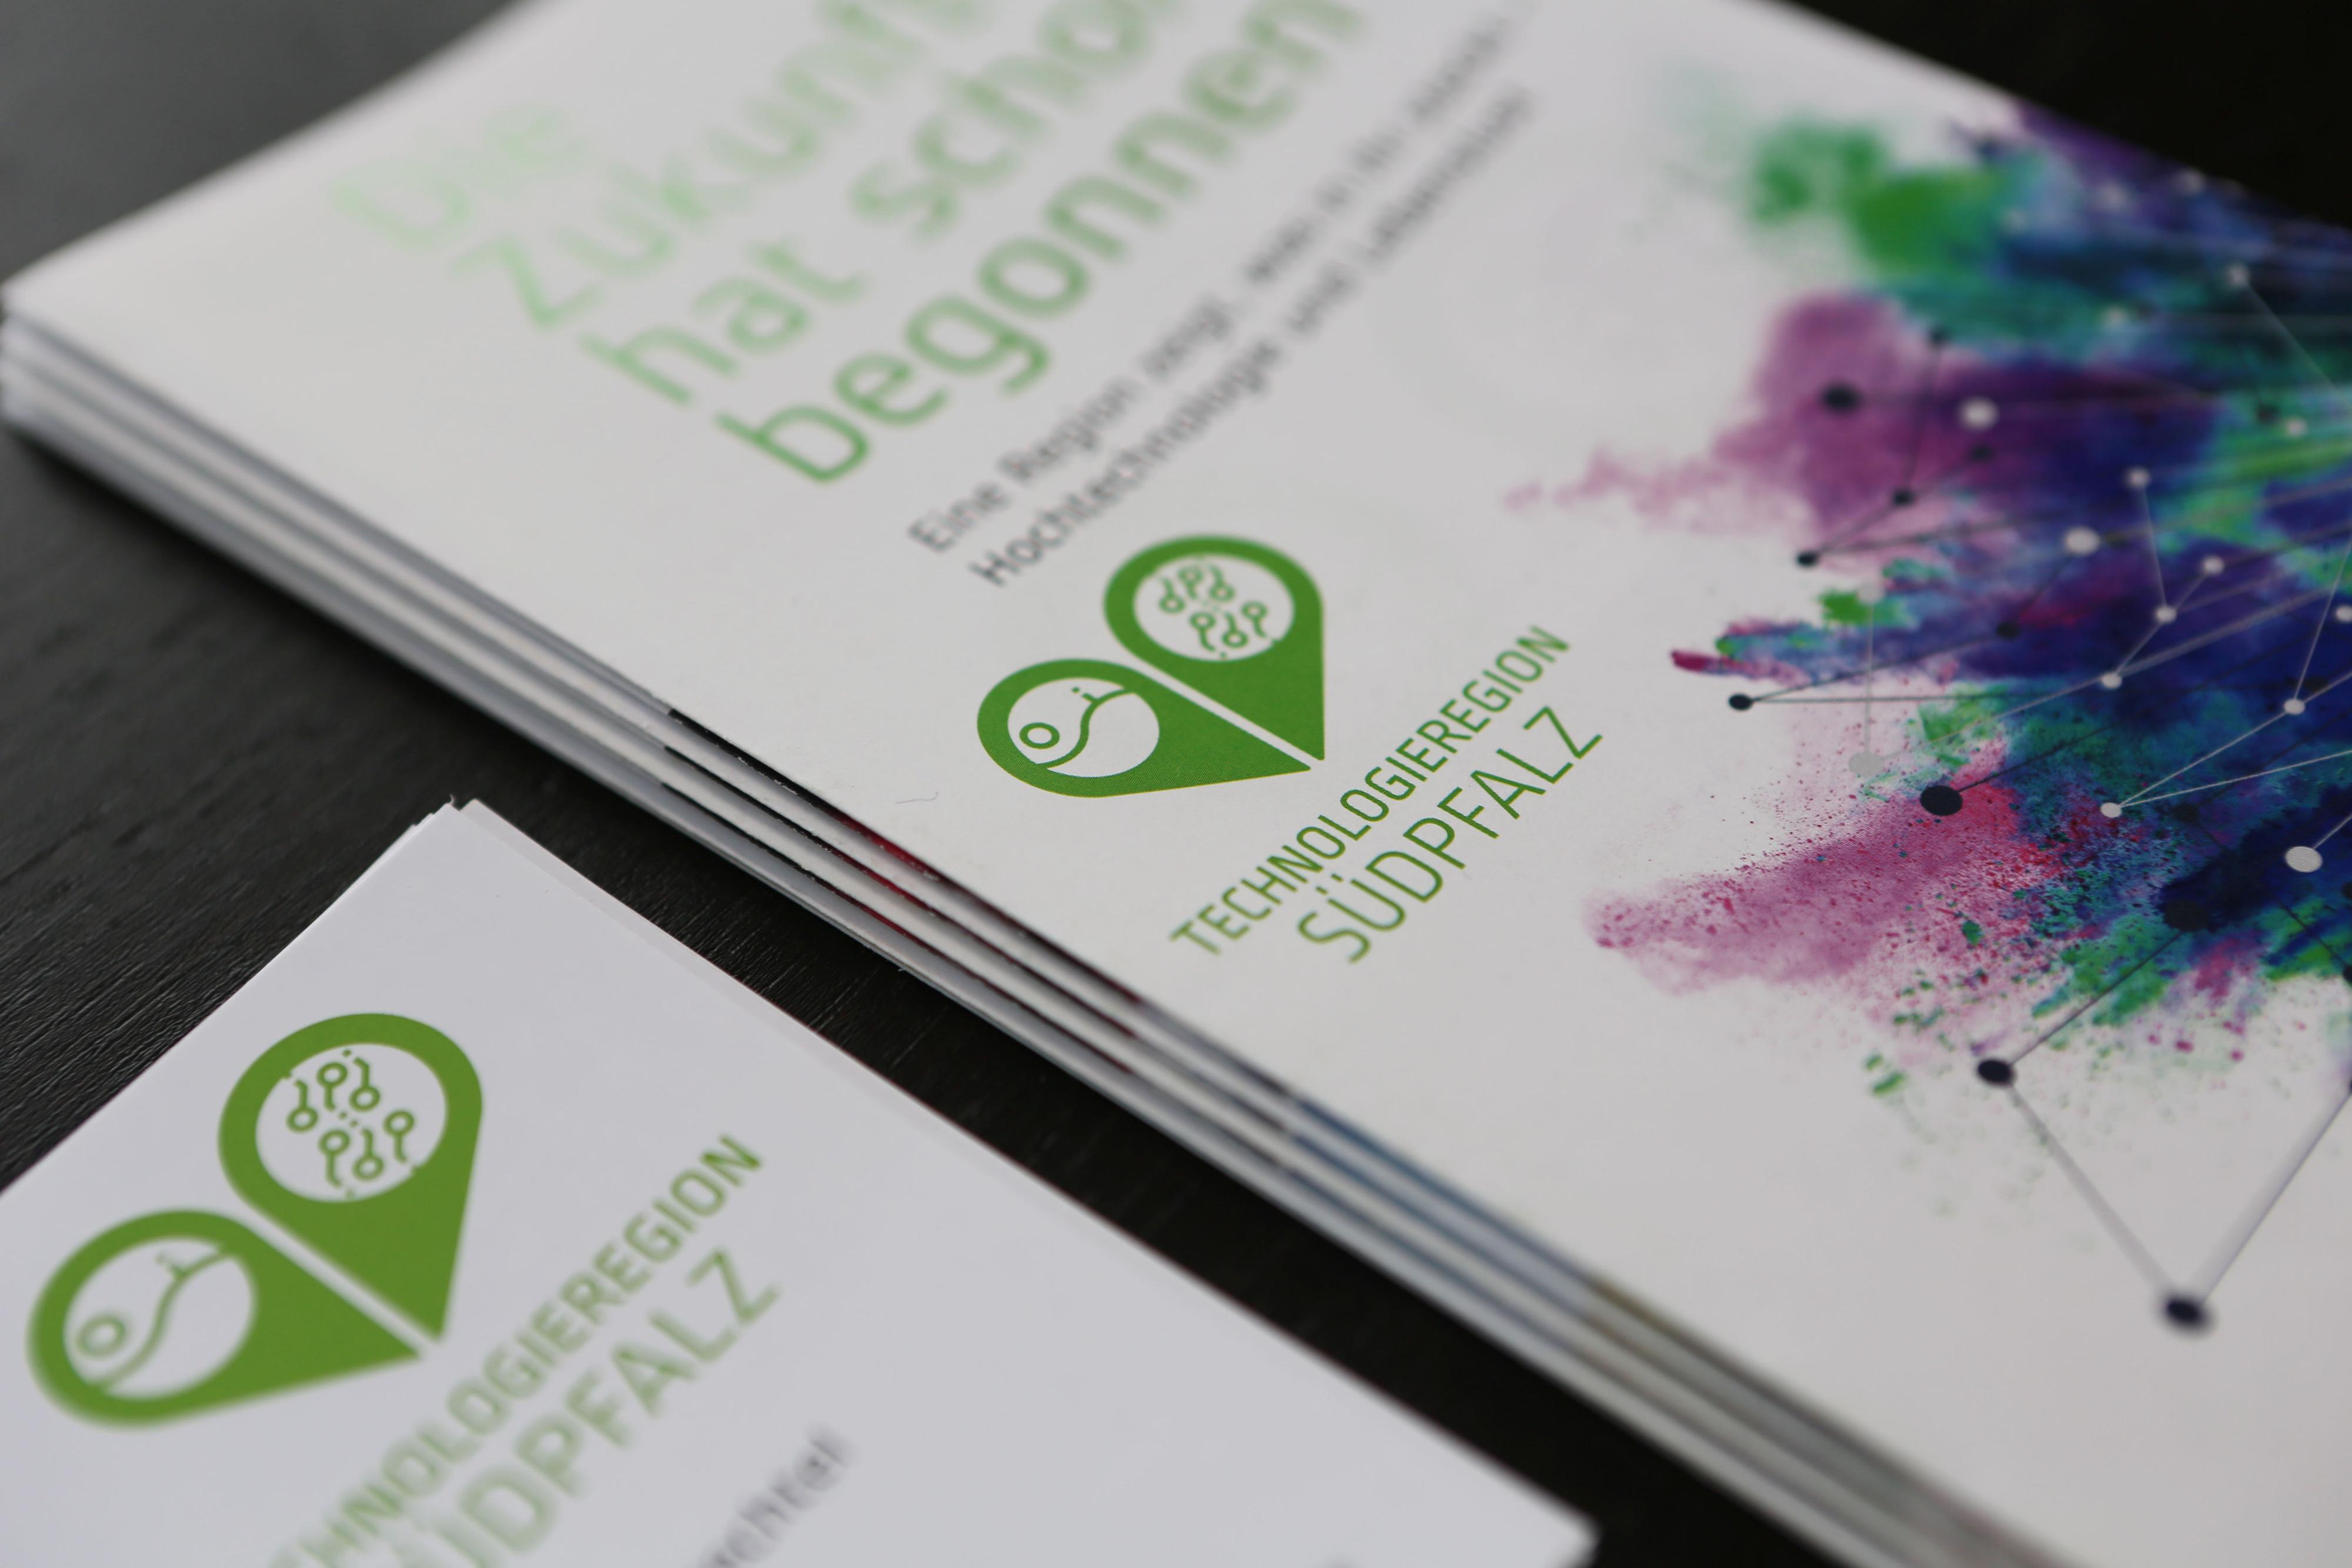 Sabath Media Werbeagentur - Technologie-Netzwerk Südpfalz e.V. – Branding - Referenzbild 3